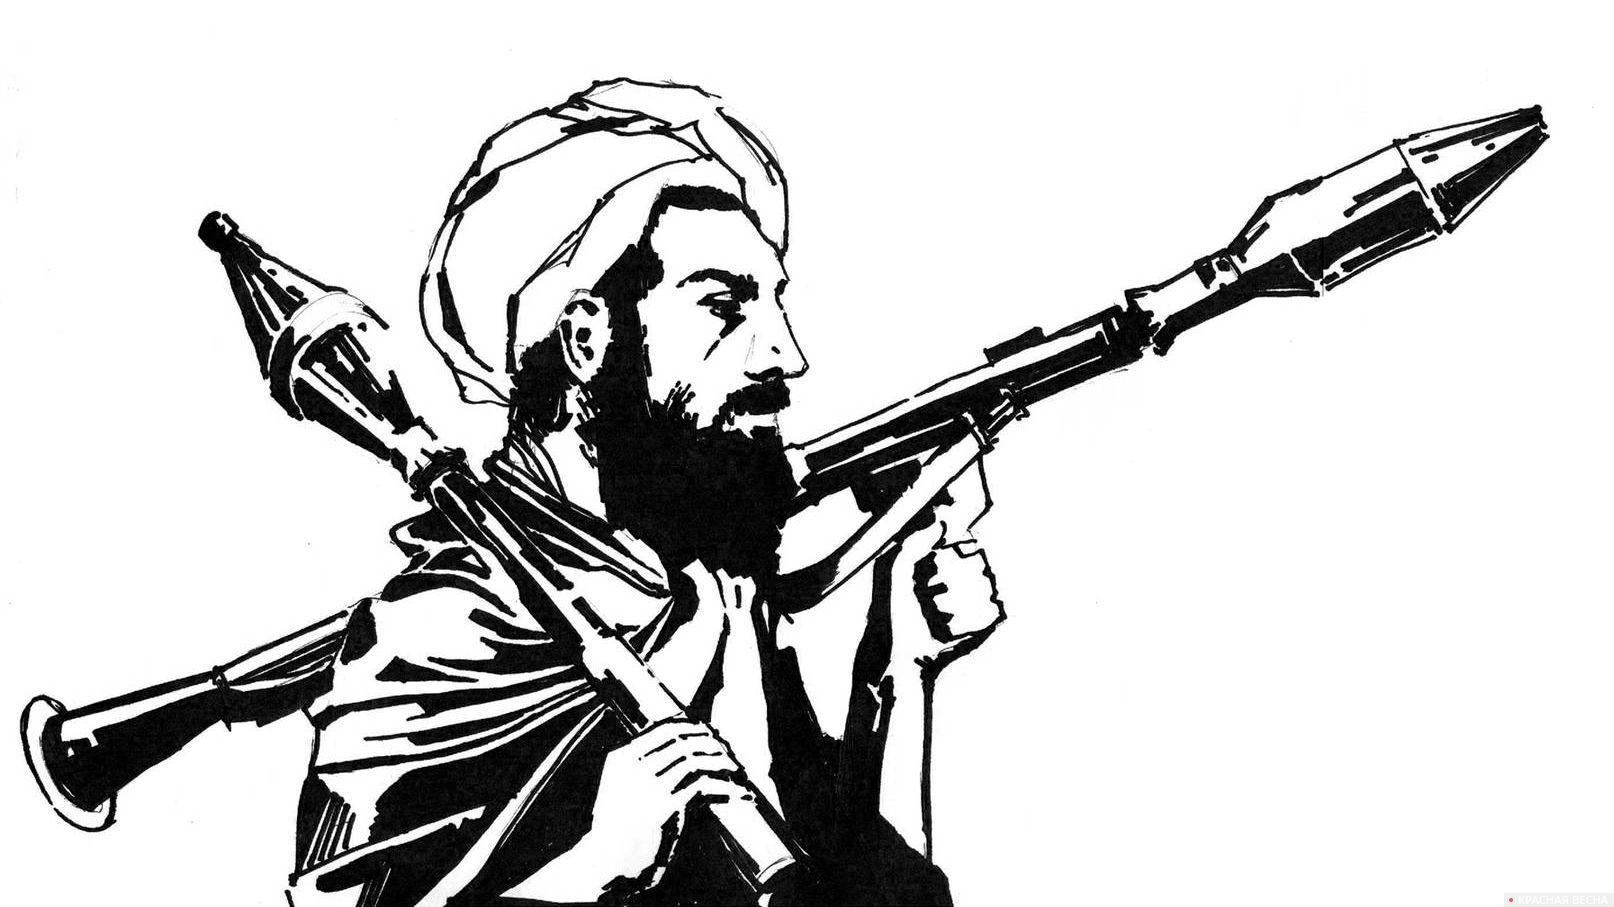 МИД: Мы будем внимательно следить за судьбой пленных джихадистов